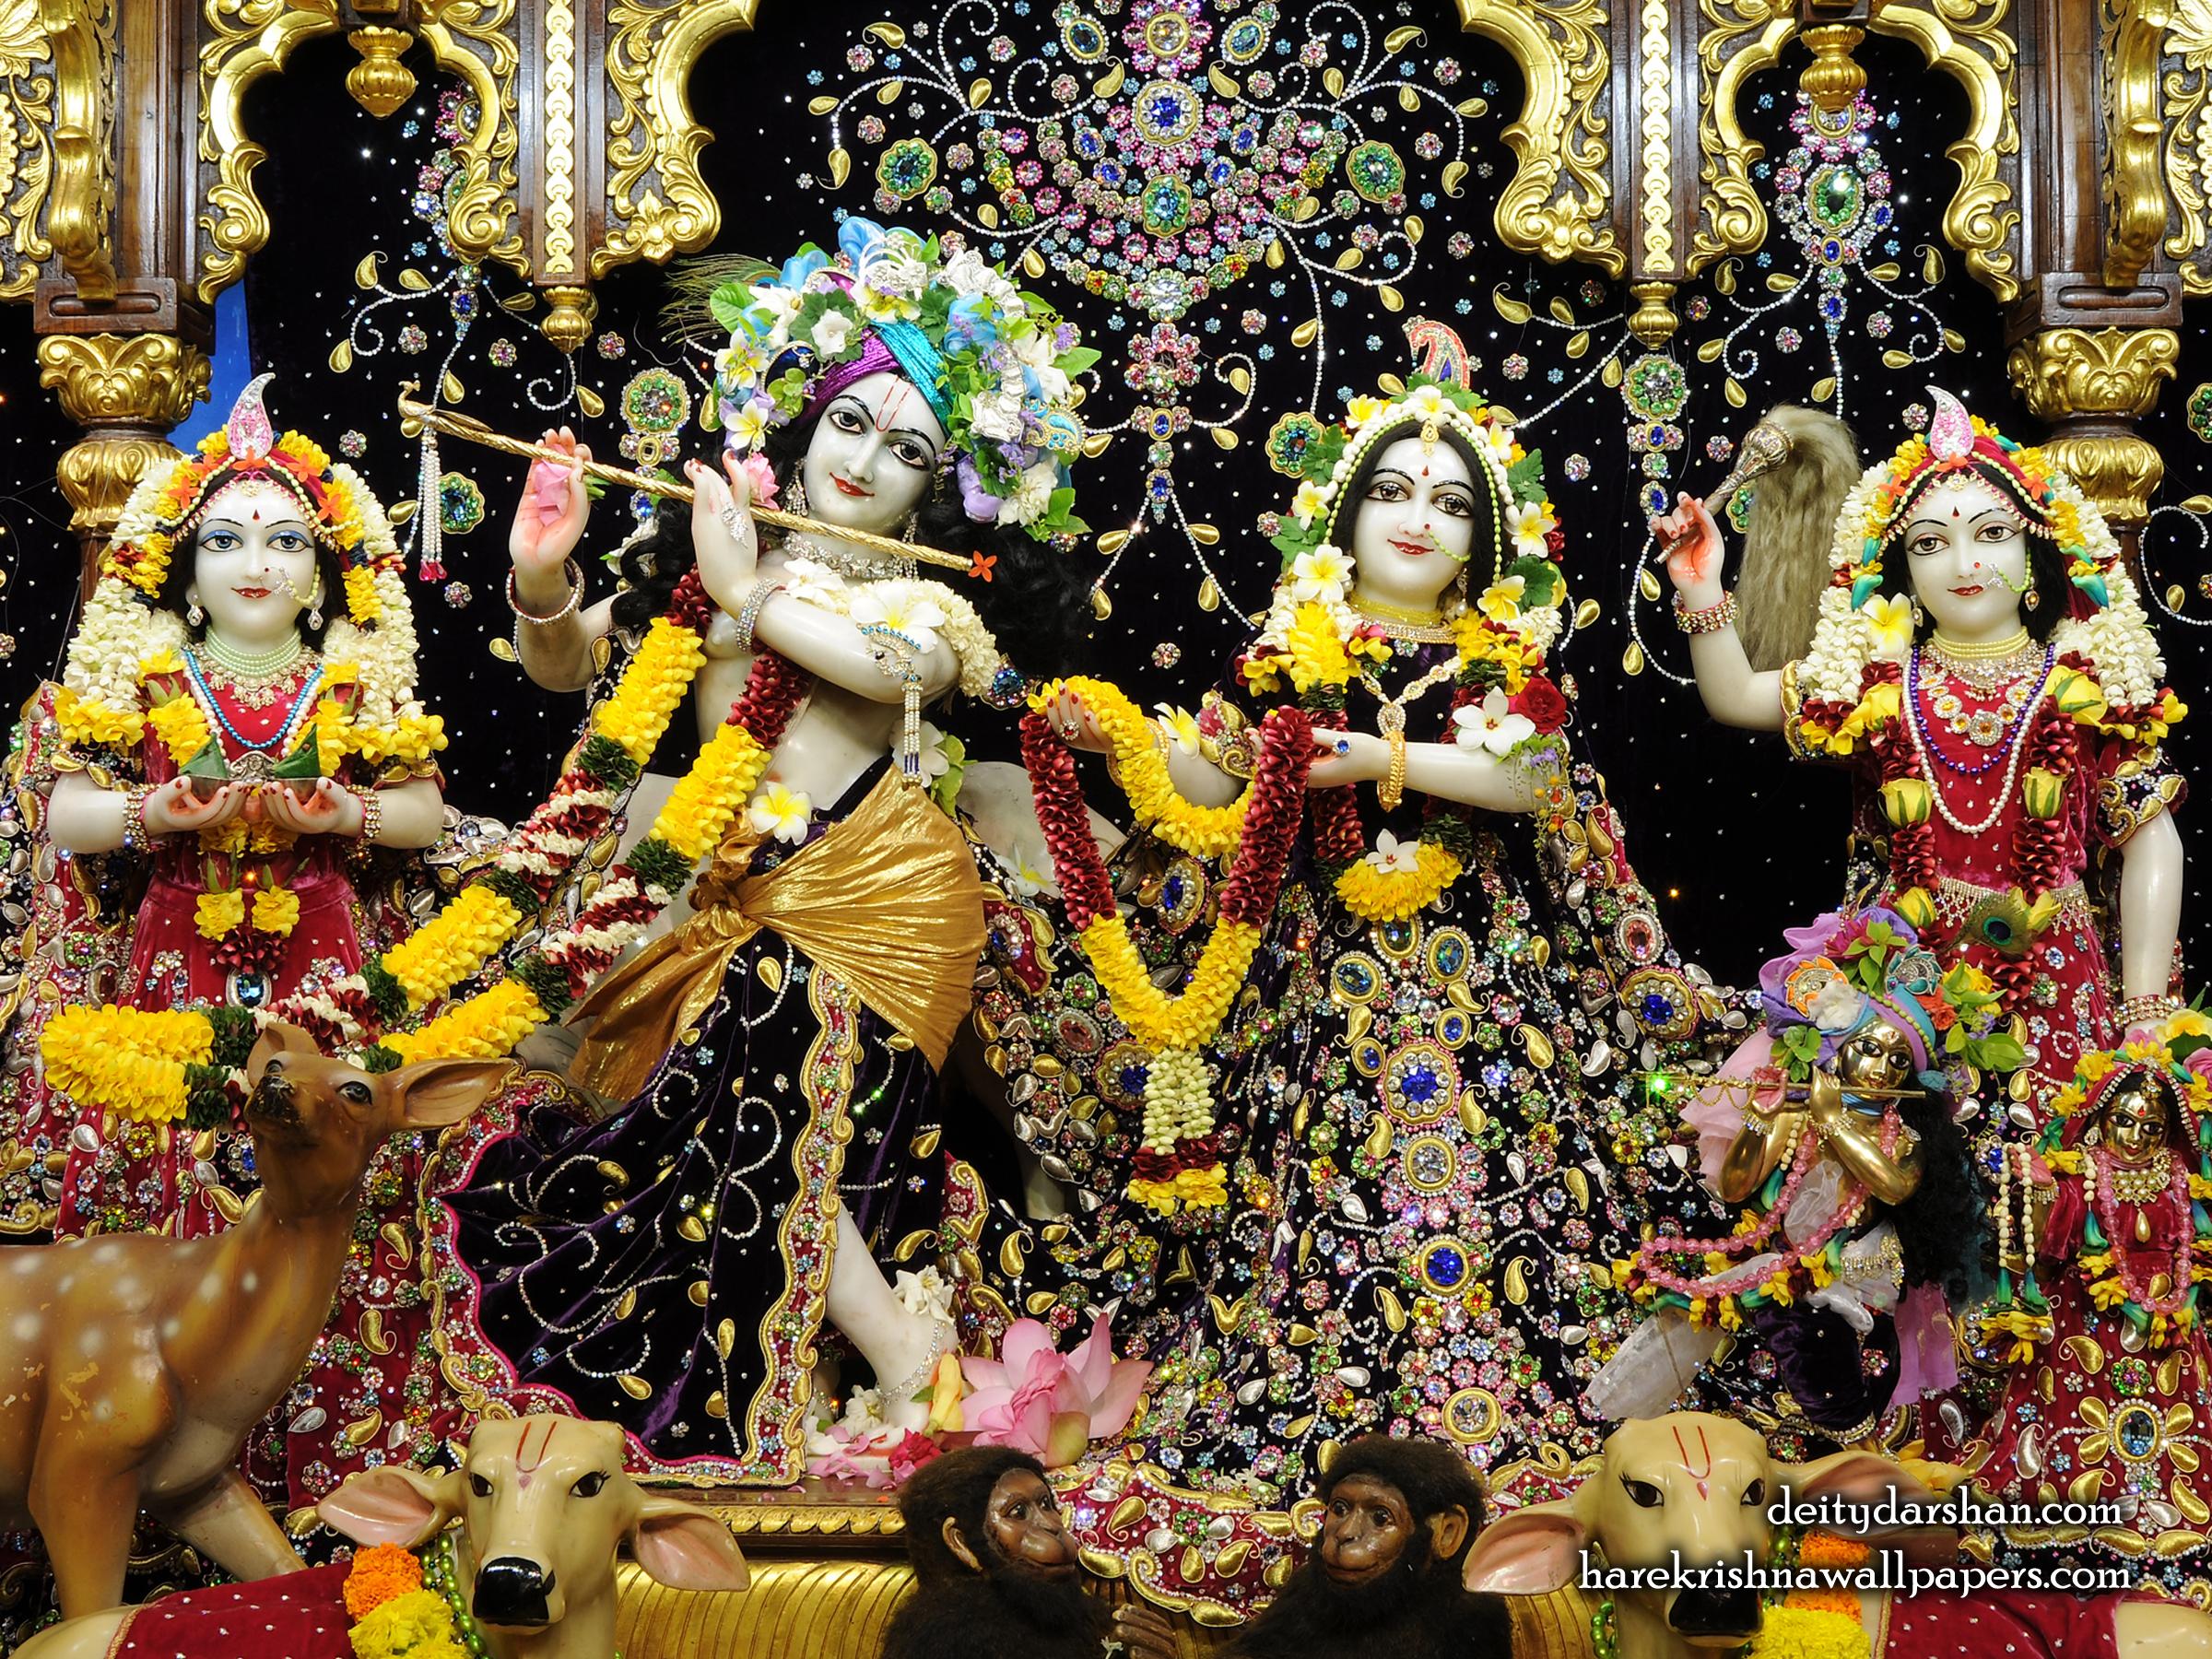 Sri Sri Radha Gopinath Lalita Vishakha Wallpaper (071) Size 2400x1800 Download